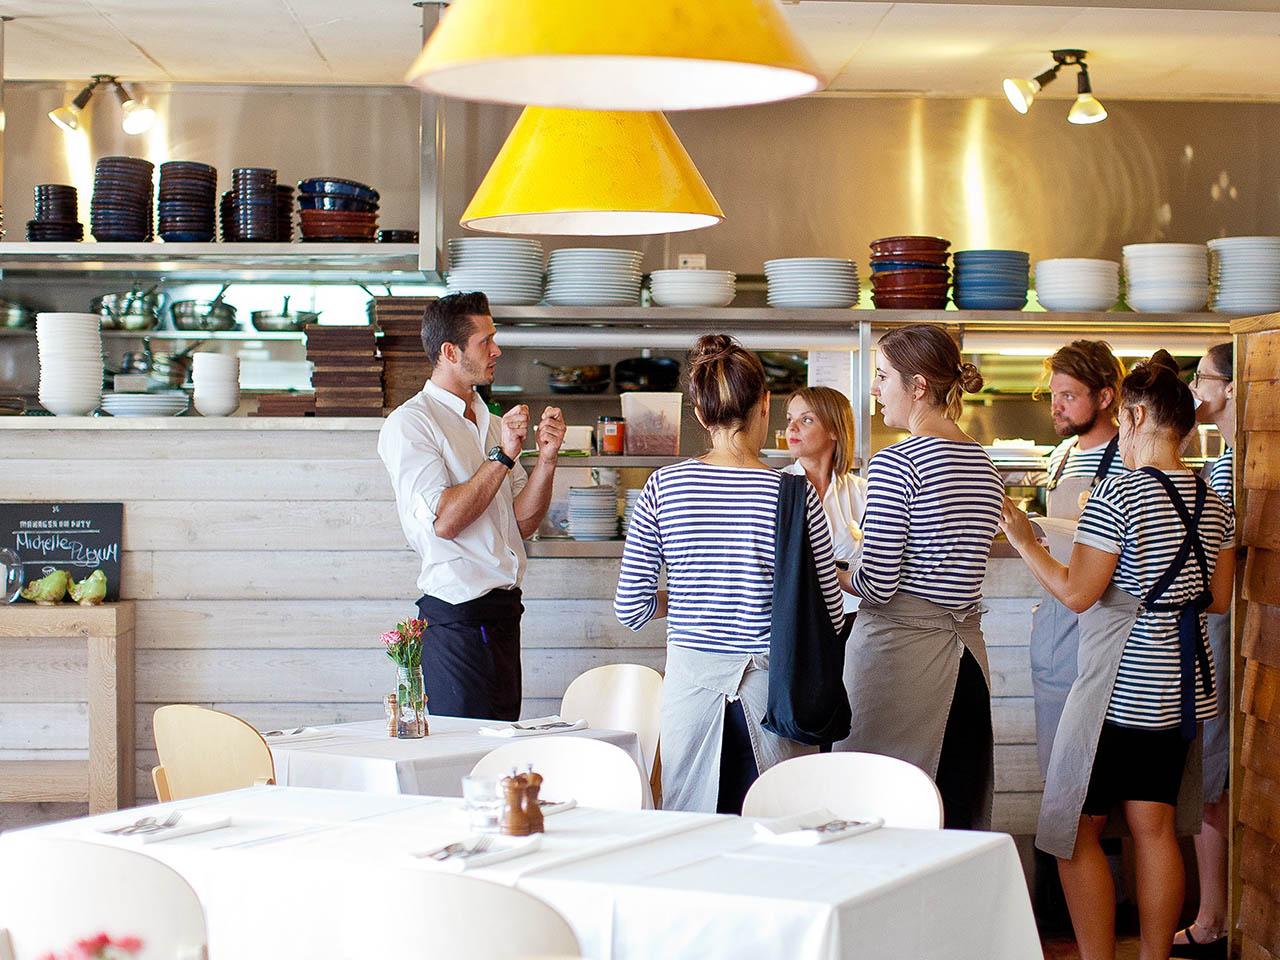 Staffs Having Meeting Inside Voyage Kitchen